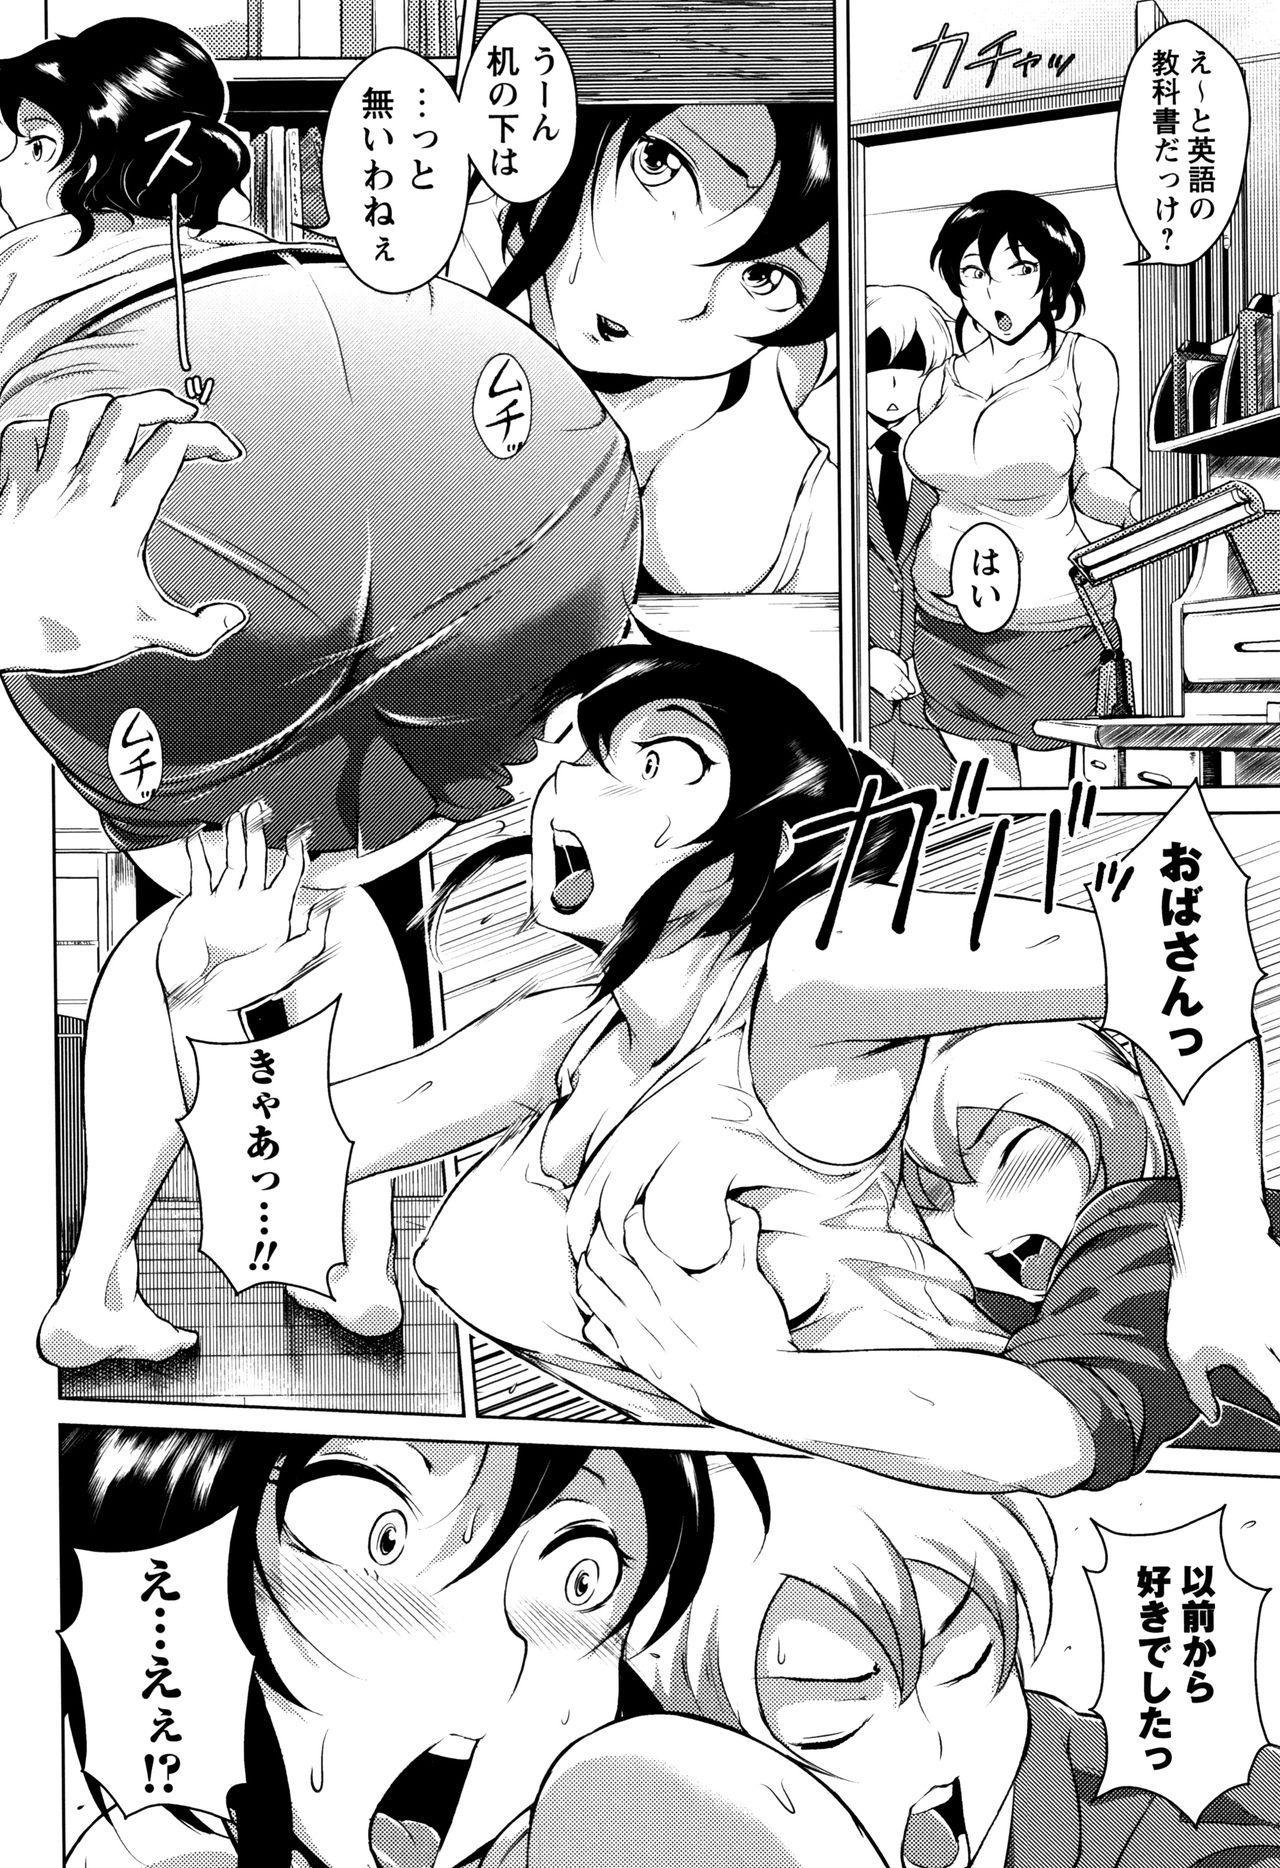 Ero BBA ♥ Dosukebe Ha Sengen 137